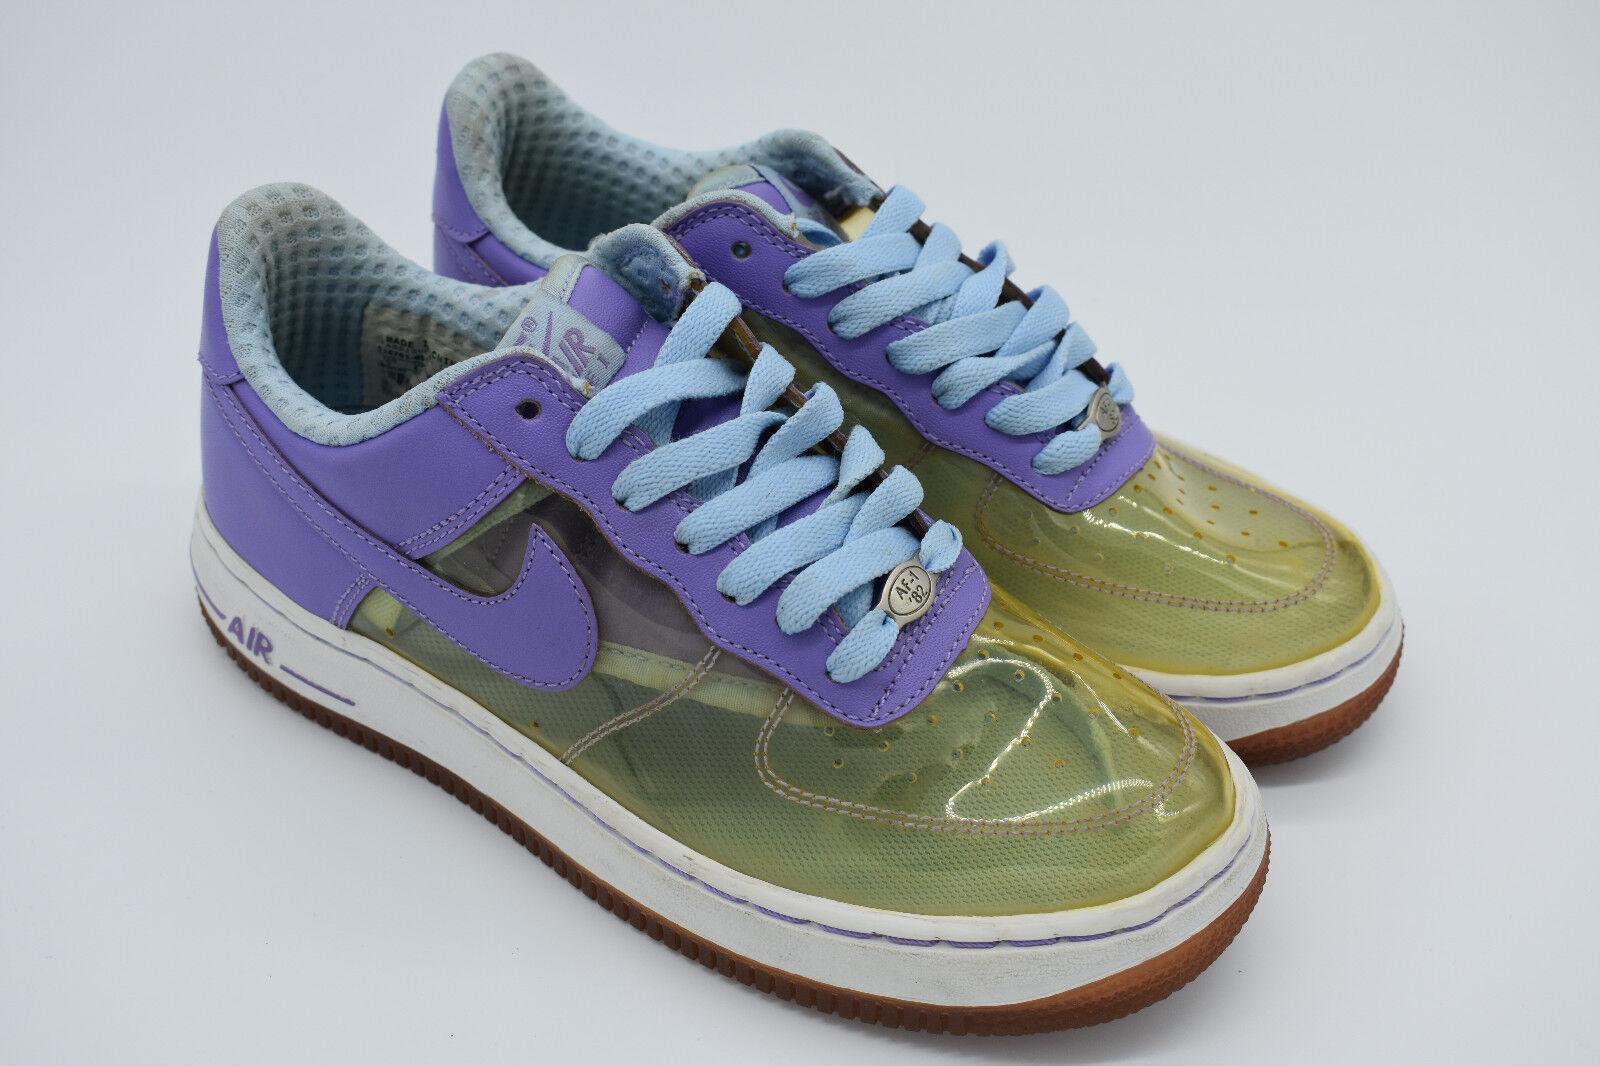 Nike Wmns Air Force 1 7 Premium